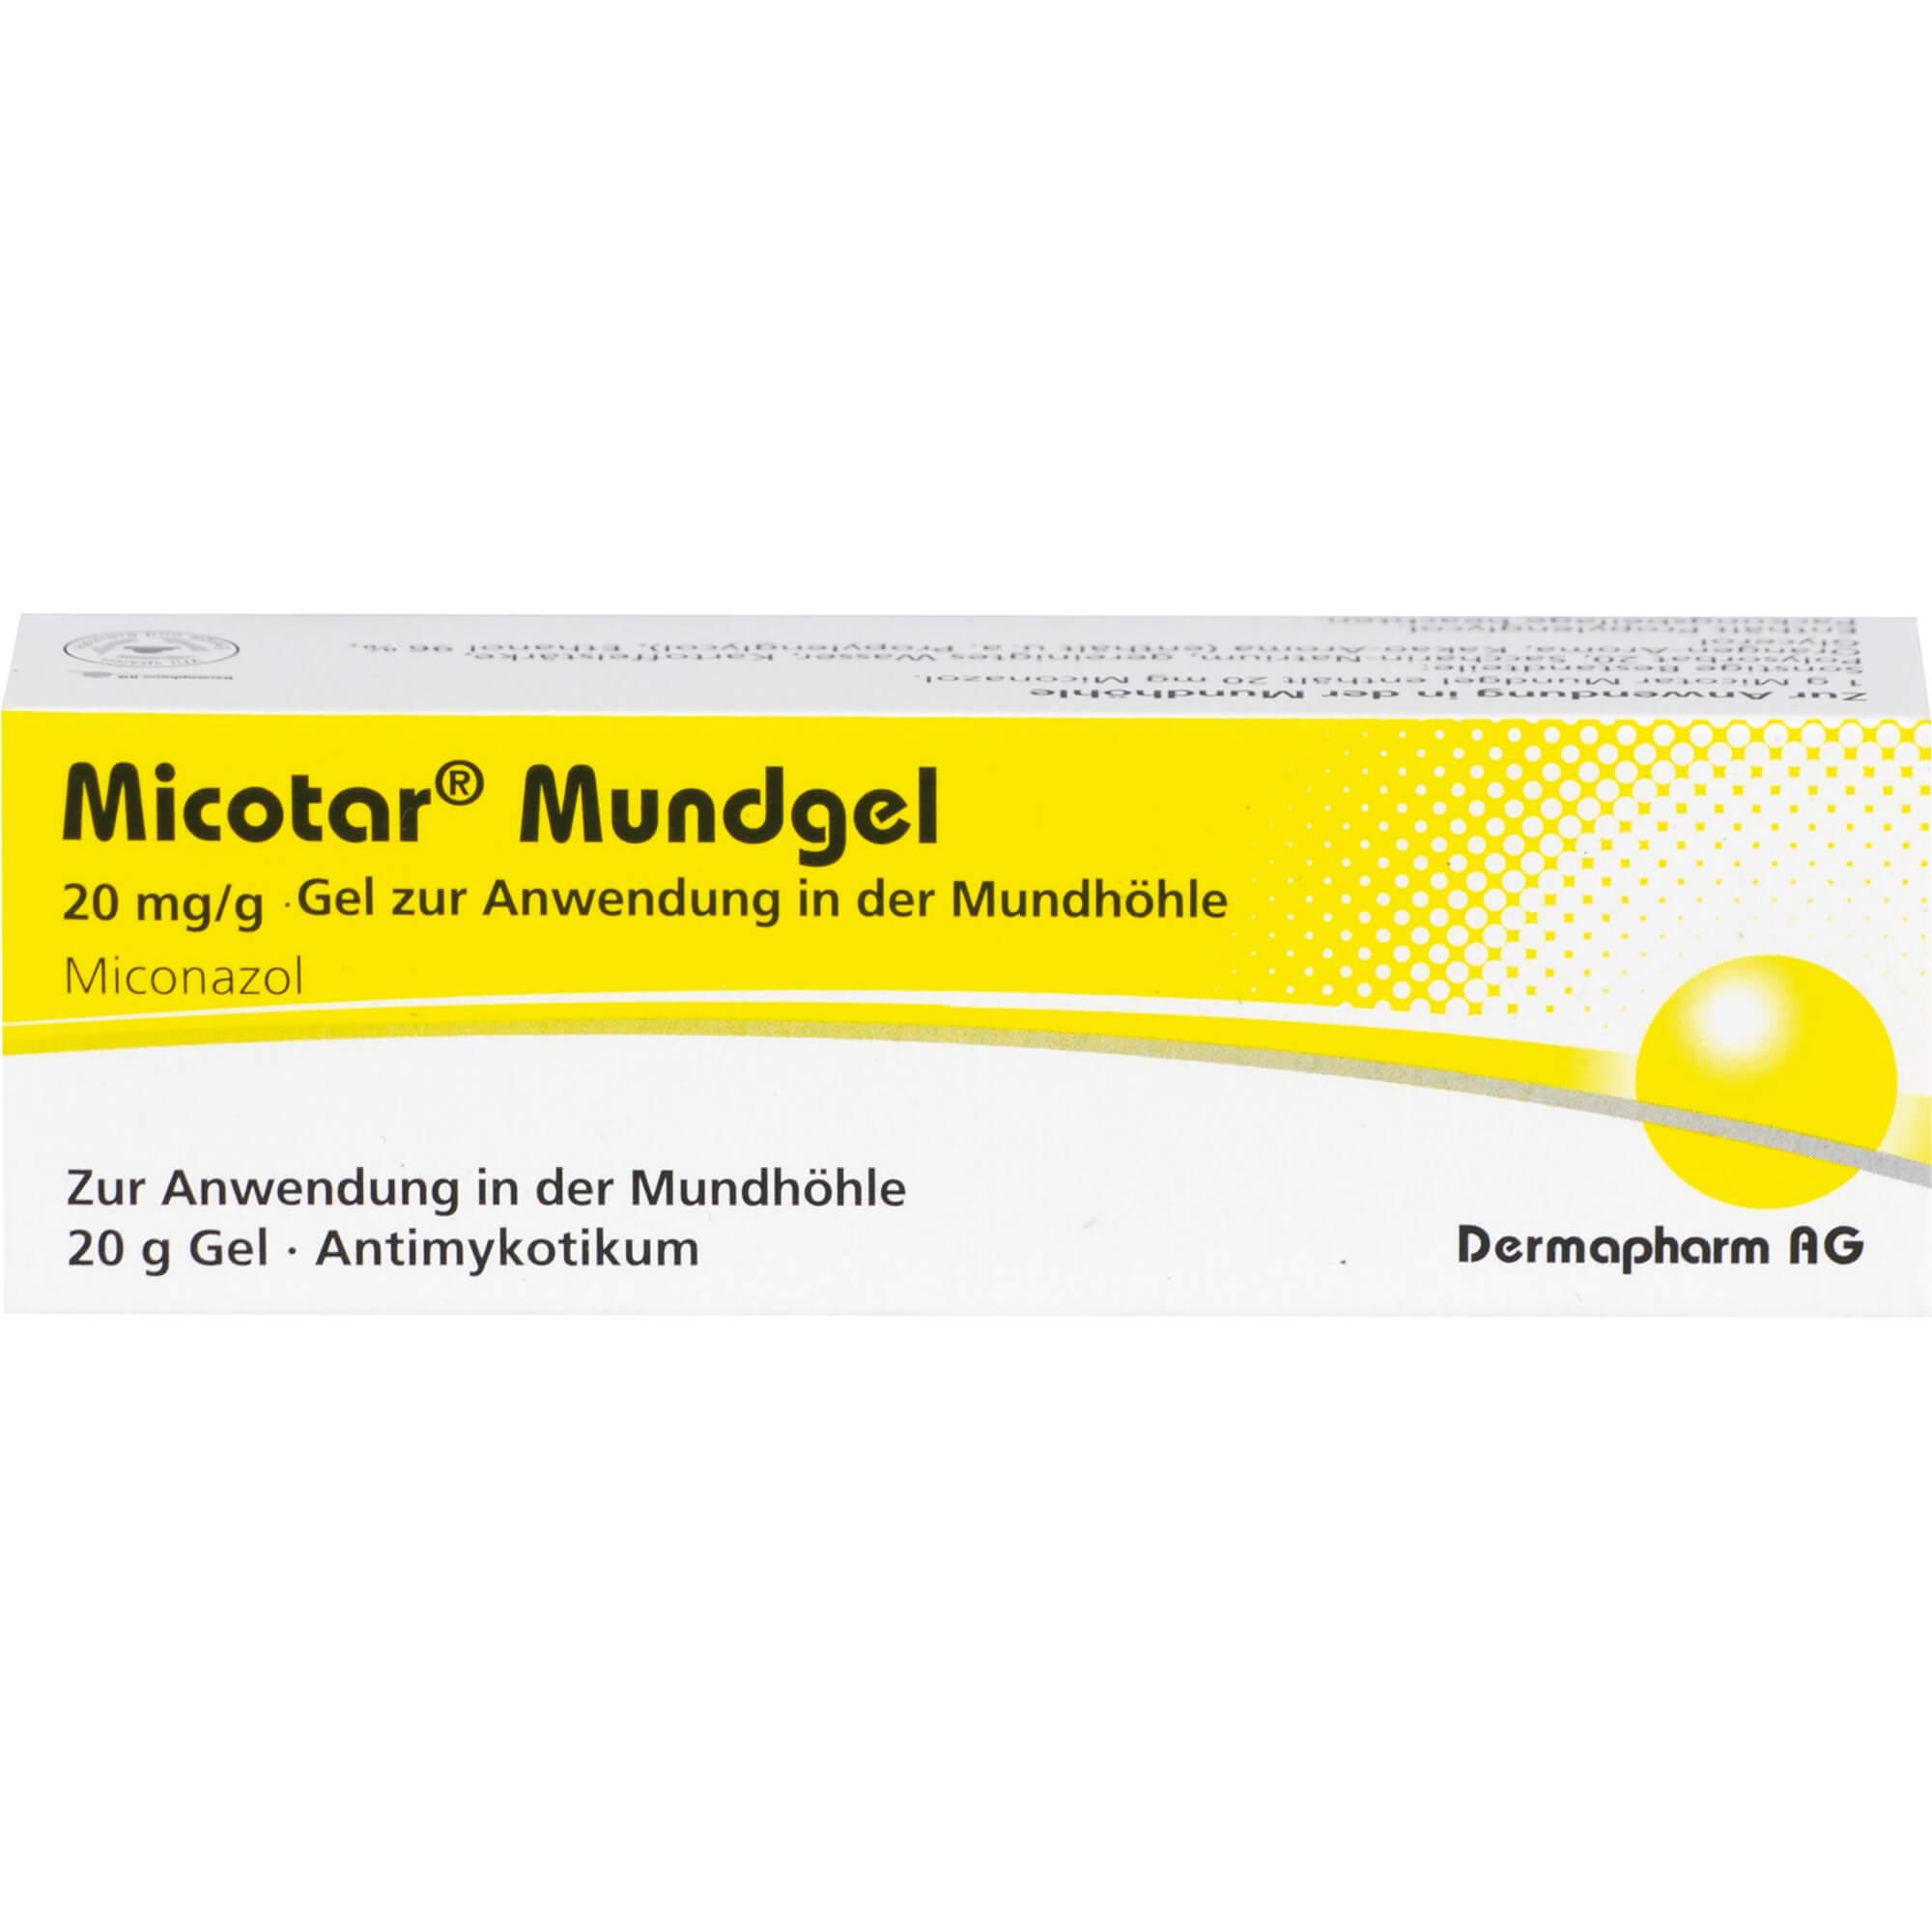 MICOTAR-Mundgel